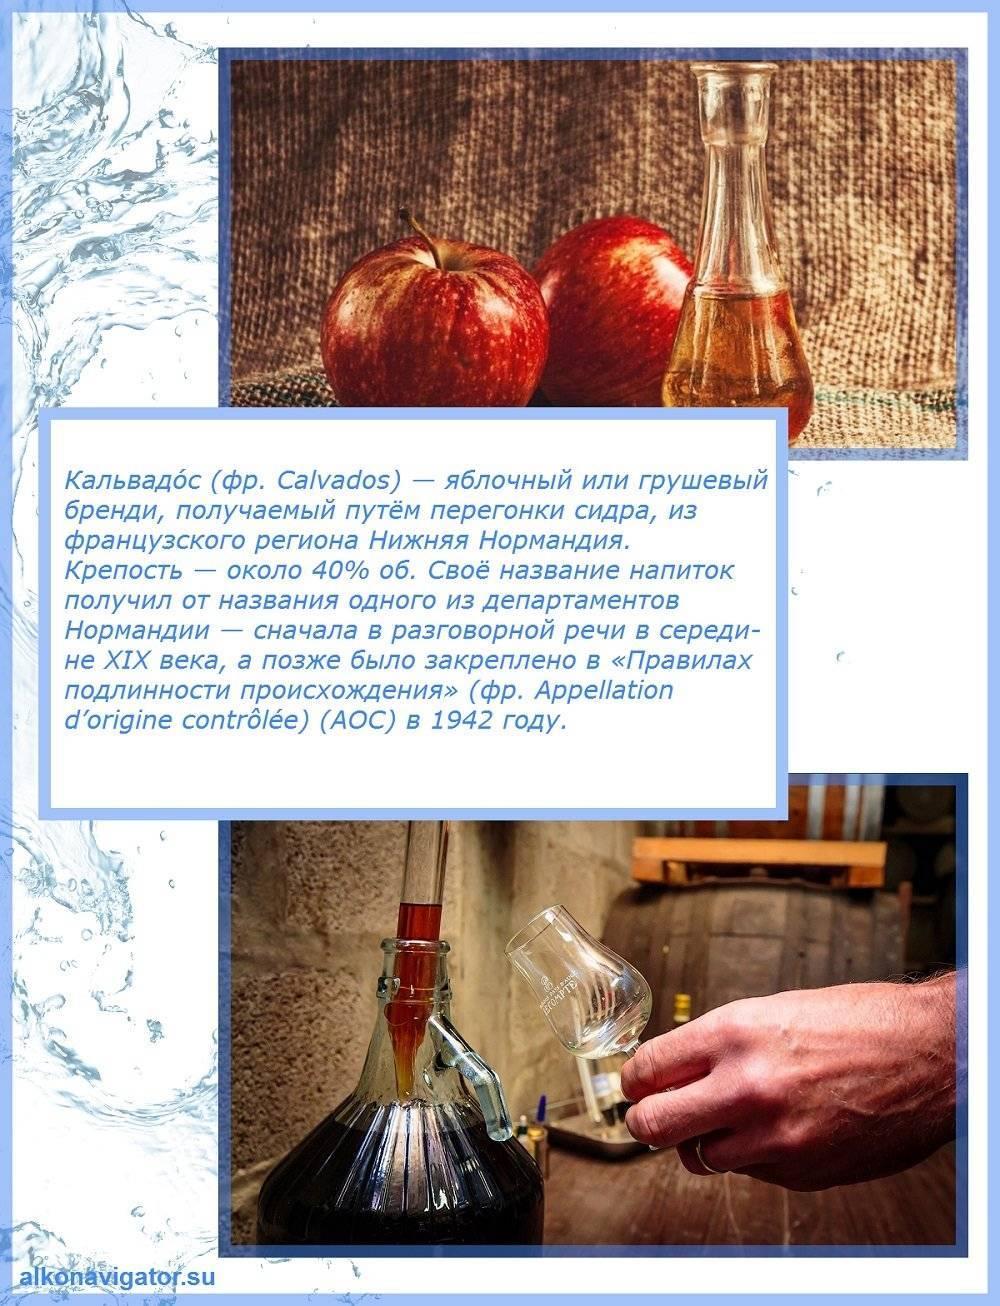 Рецепты кальвадоса в домашних условиях из яблок: лучшие варианты